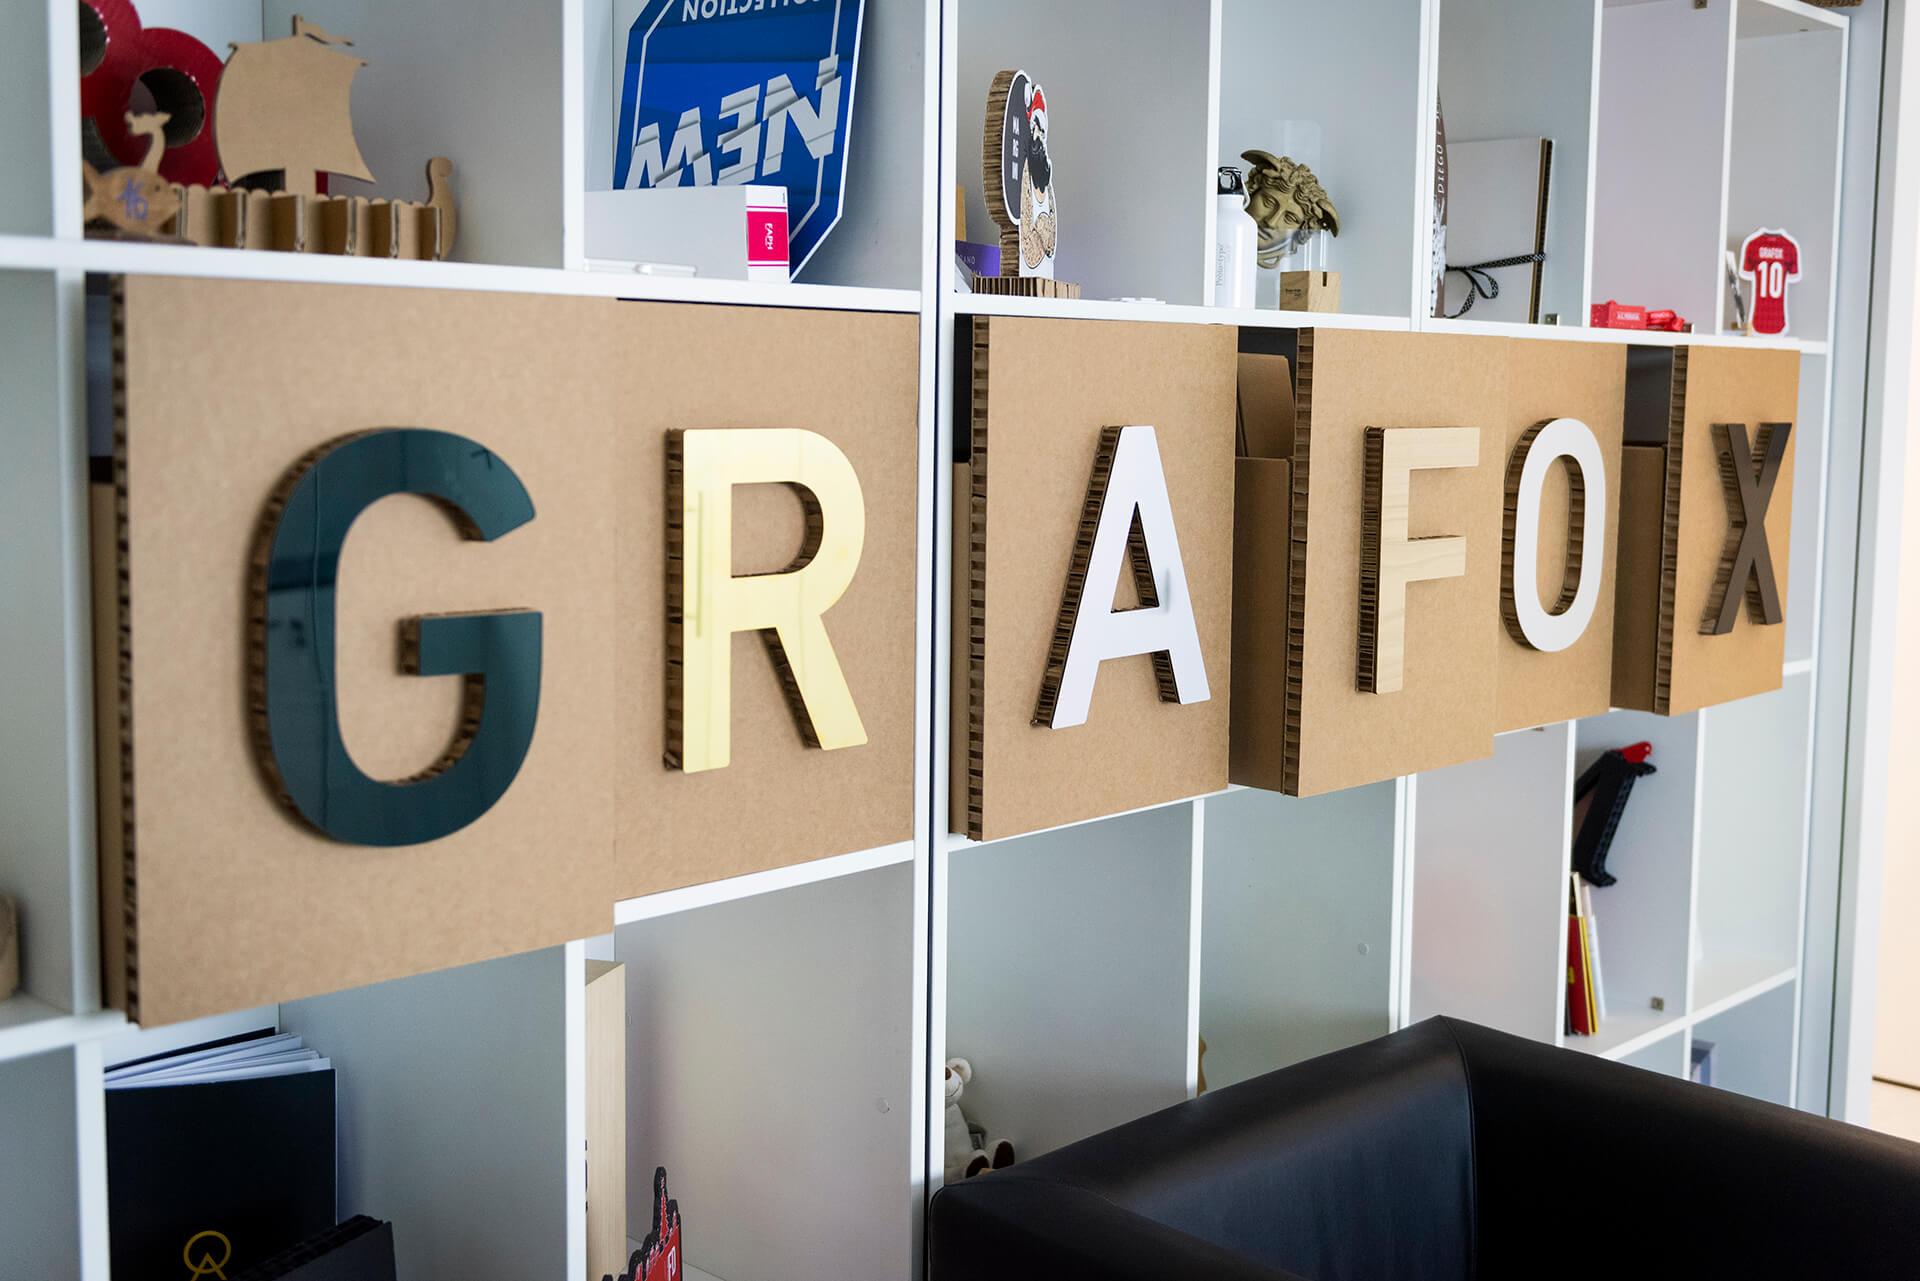 GRAFOX - Taglio laser - Metalo, Legno, Plexiglass, Ottone